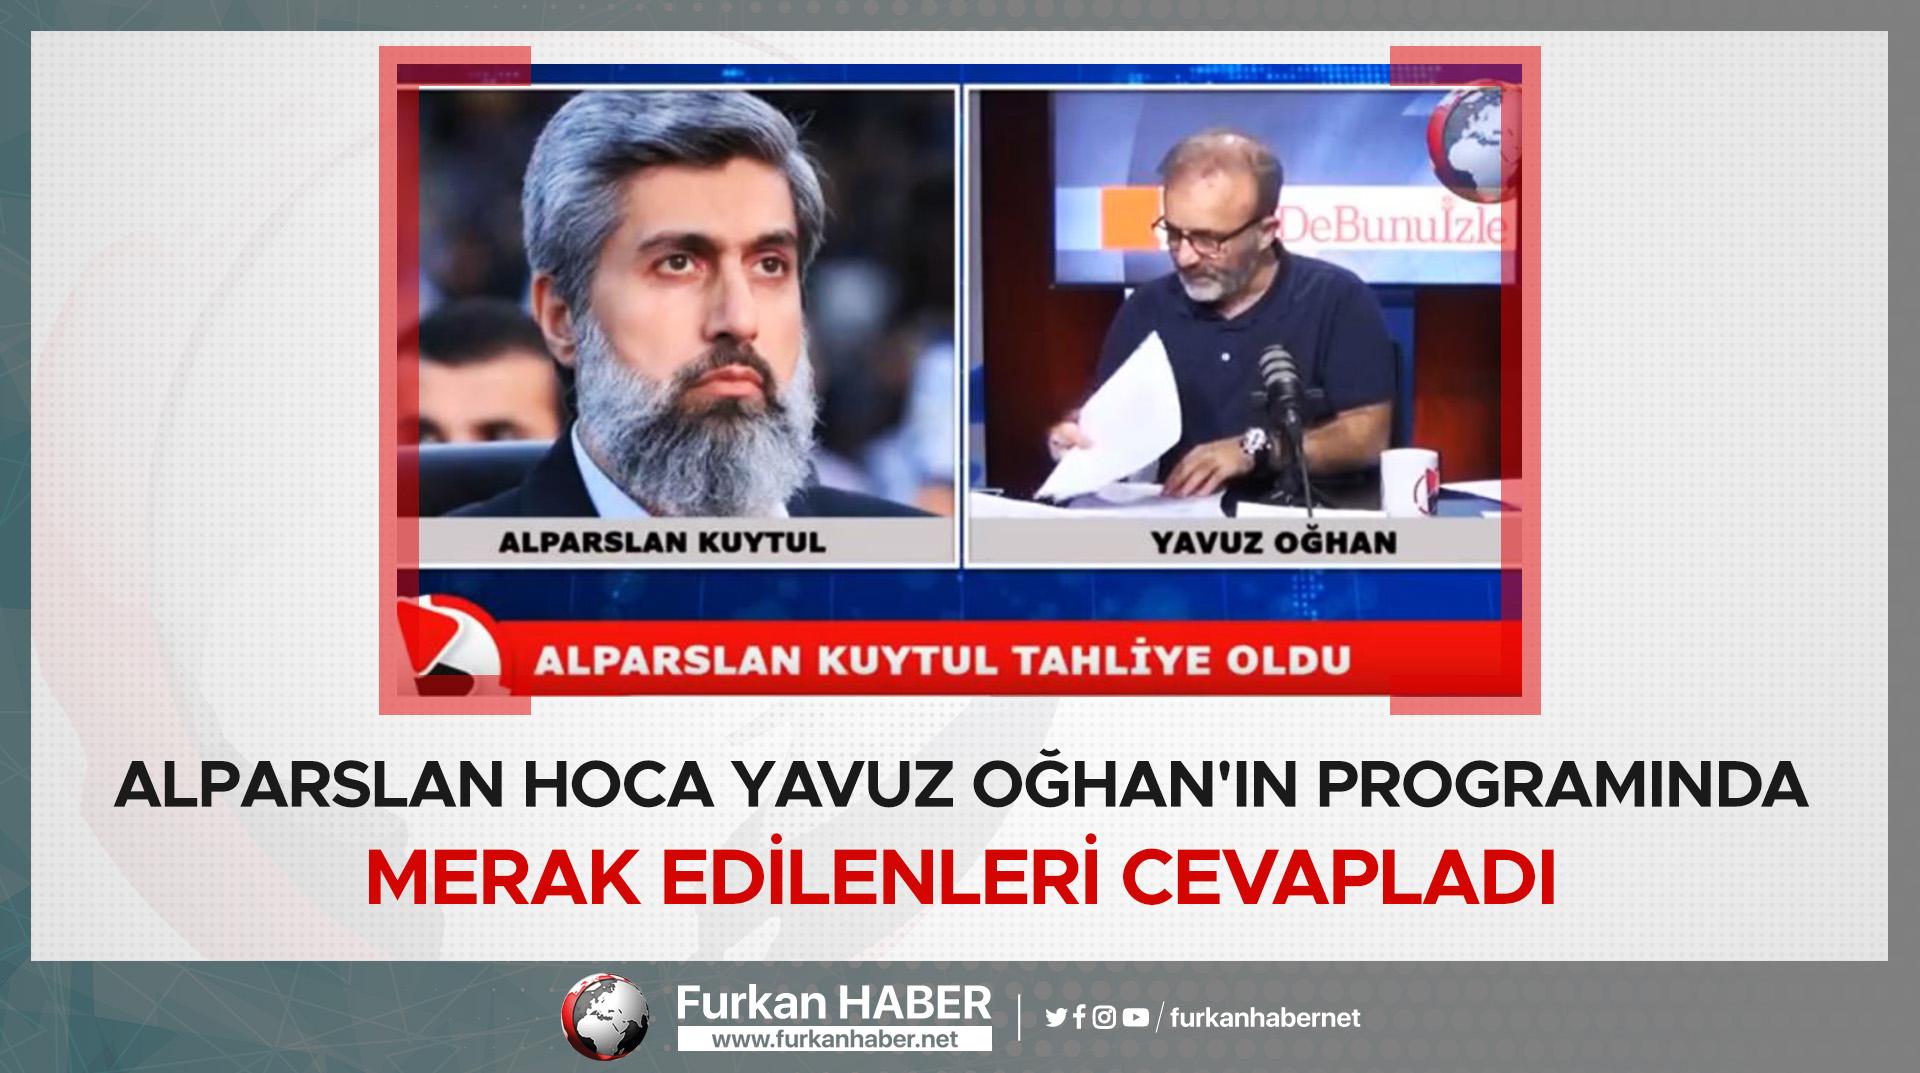 Alparslan Hoca Yavuz Oğhan'ın Programında Merak Edilenleri Cevapladı